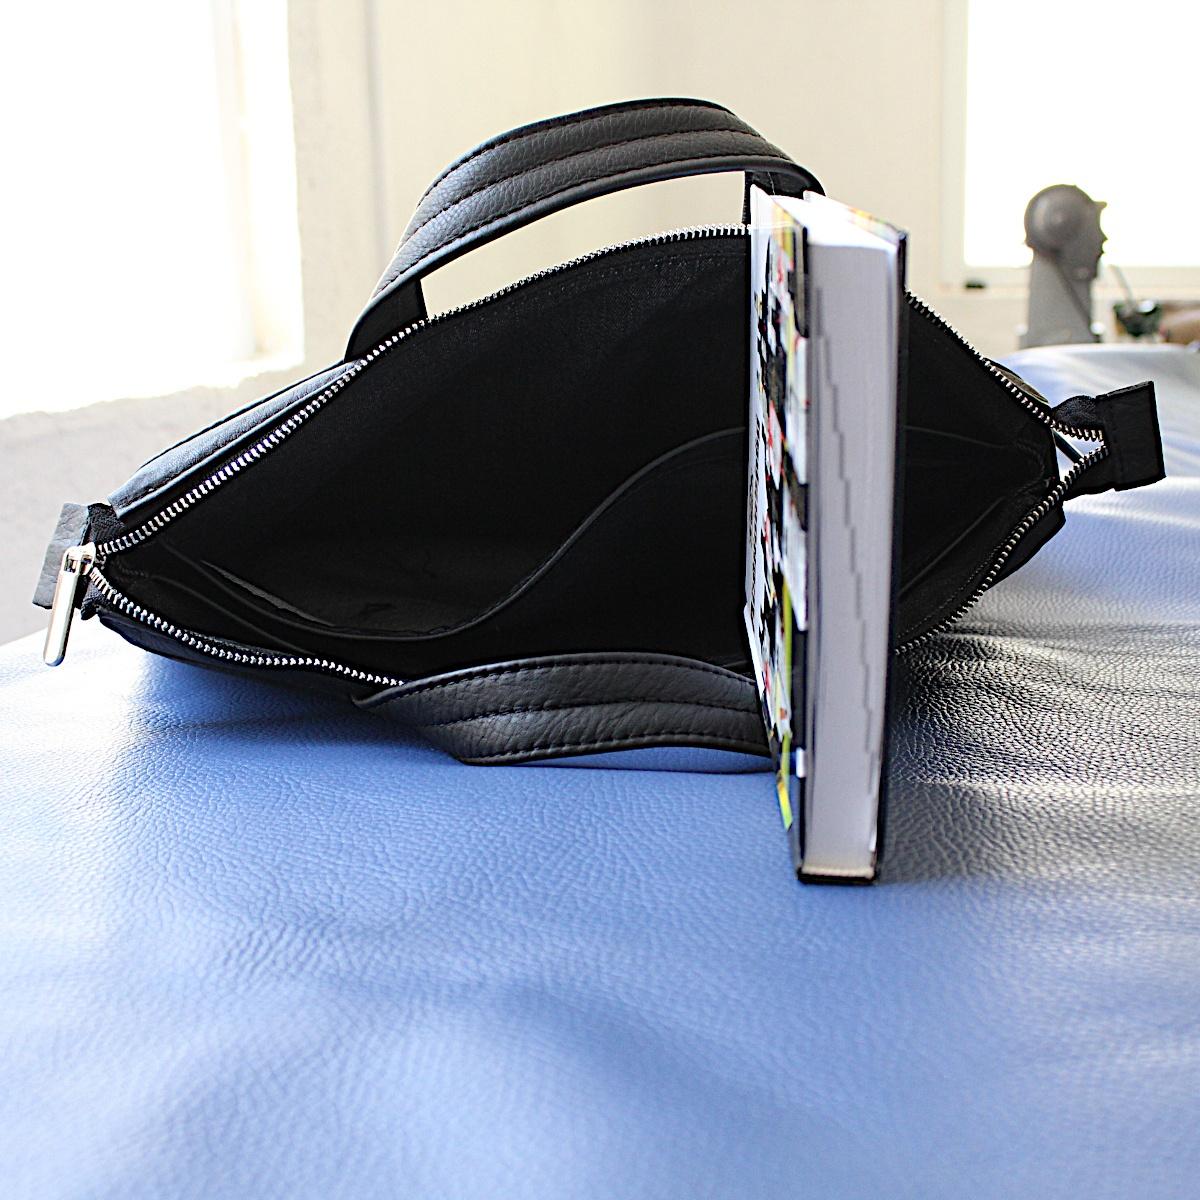 ръчно изработена черна мъжка бизнес чанта от естествена кожа отвътре